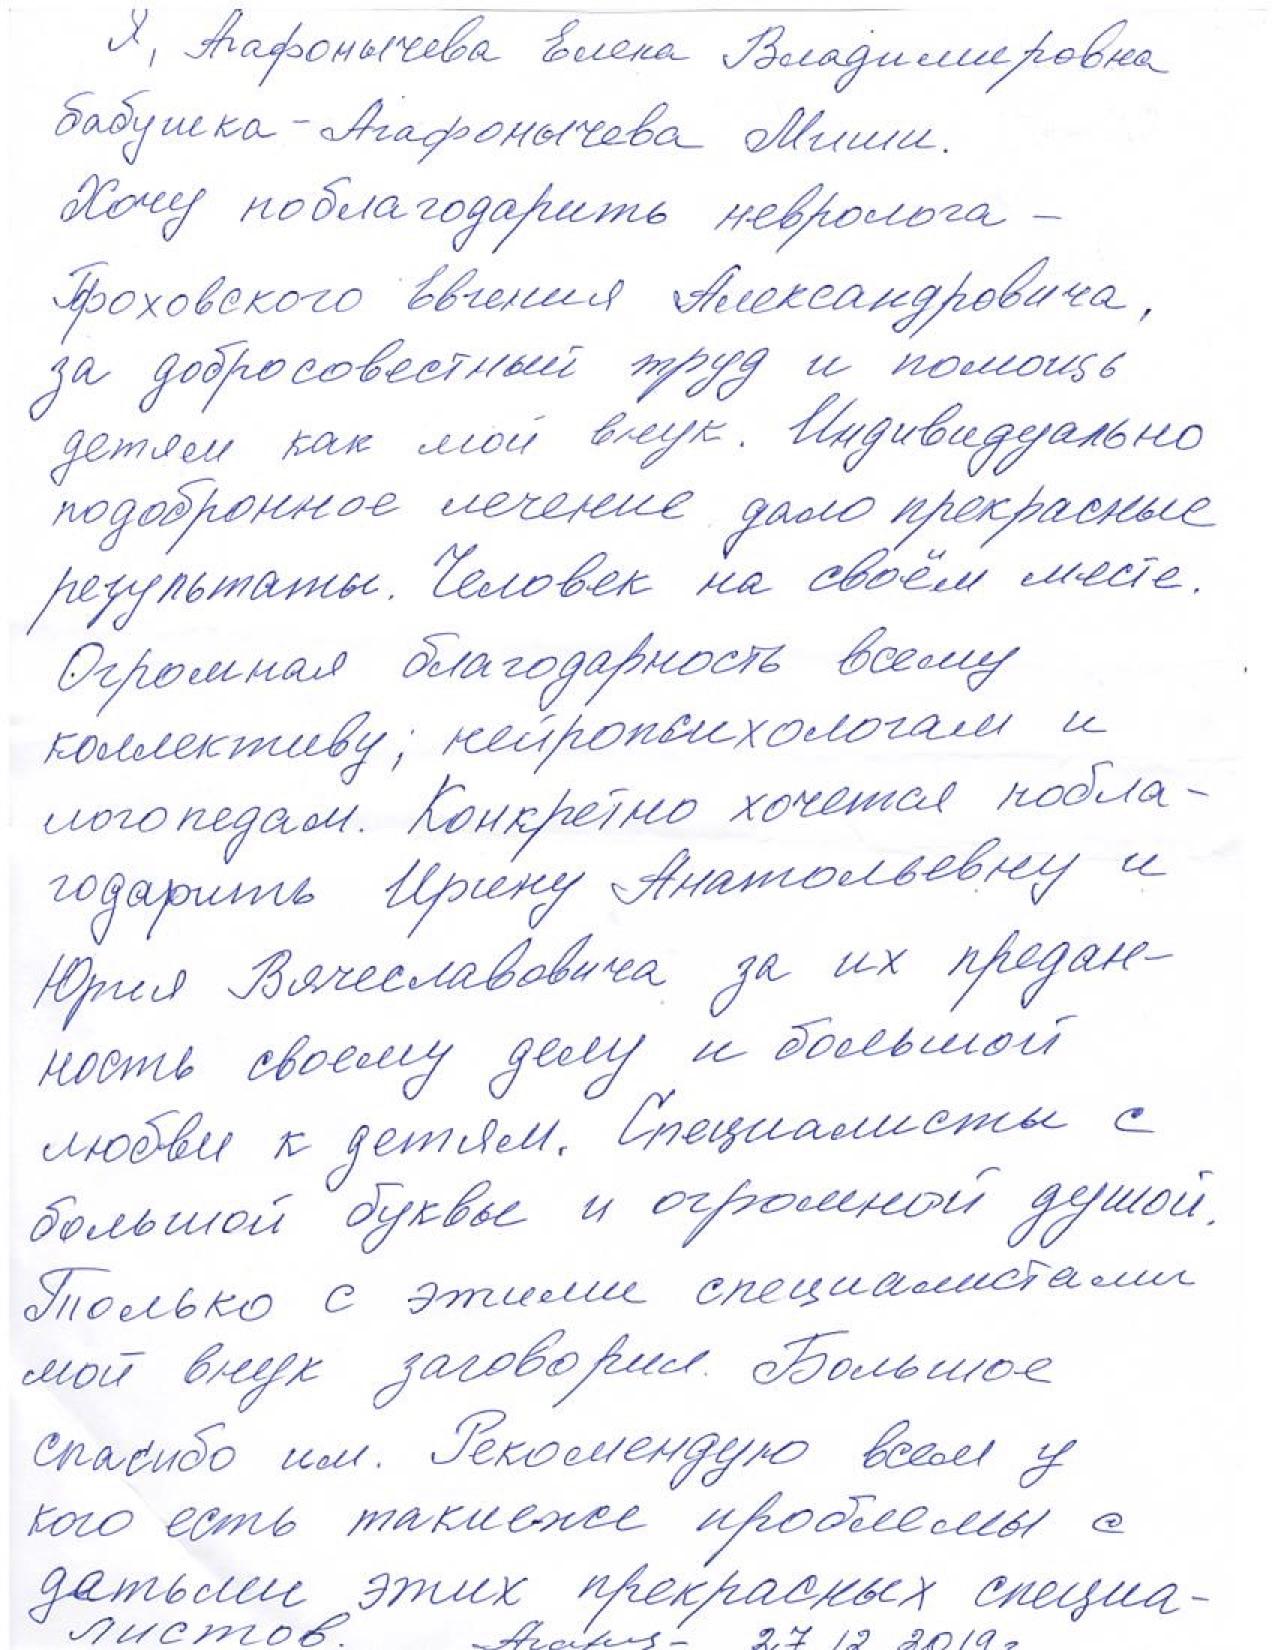 Отзыв о работе Гороховского Е.А.